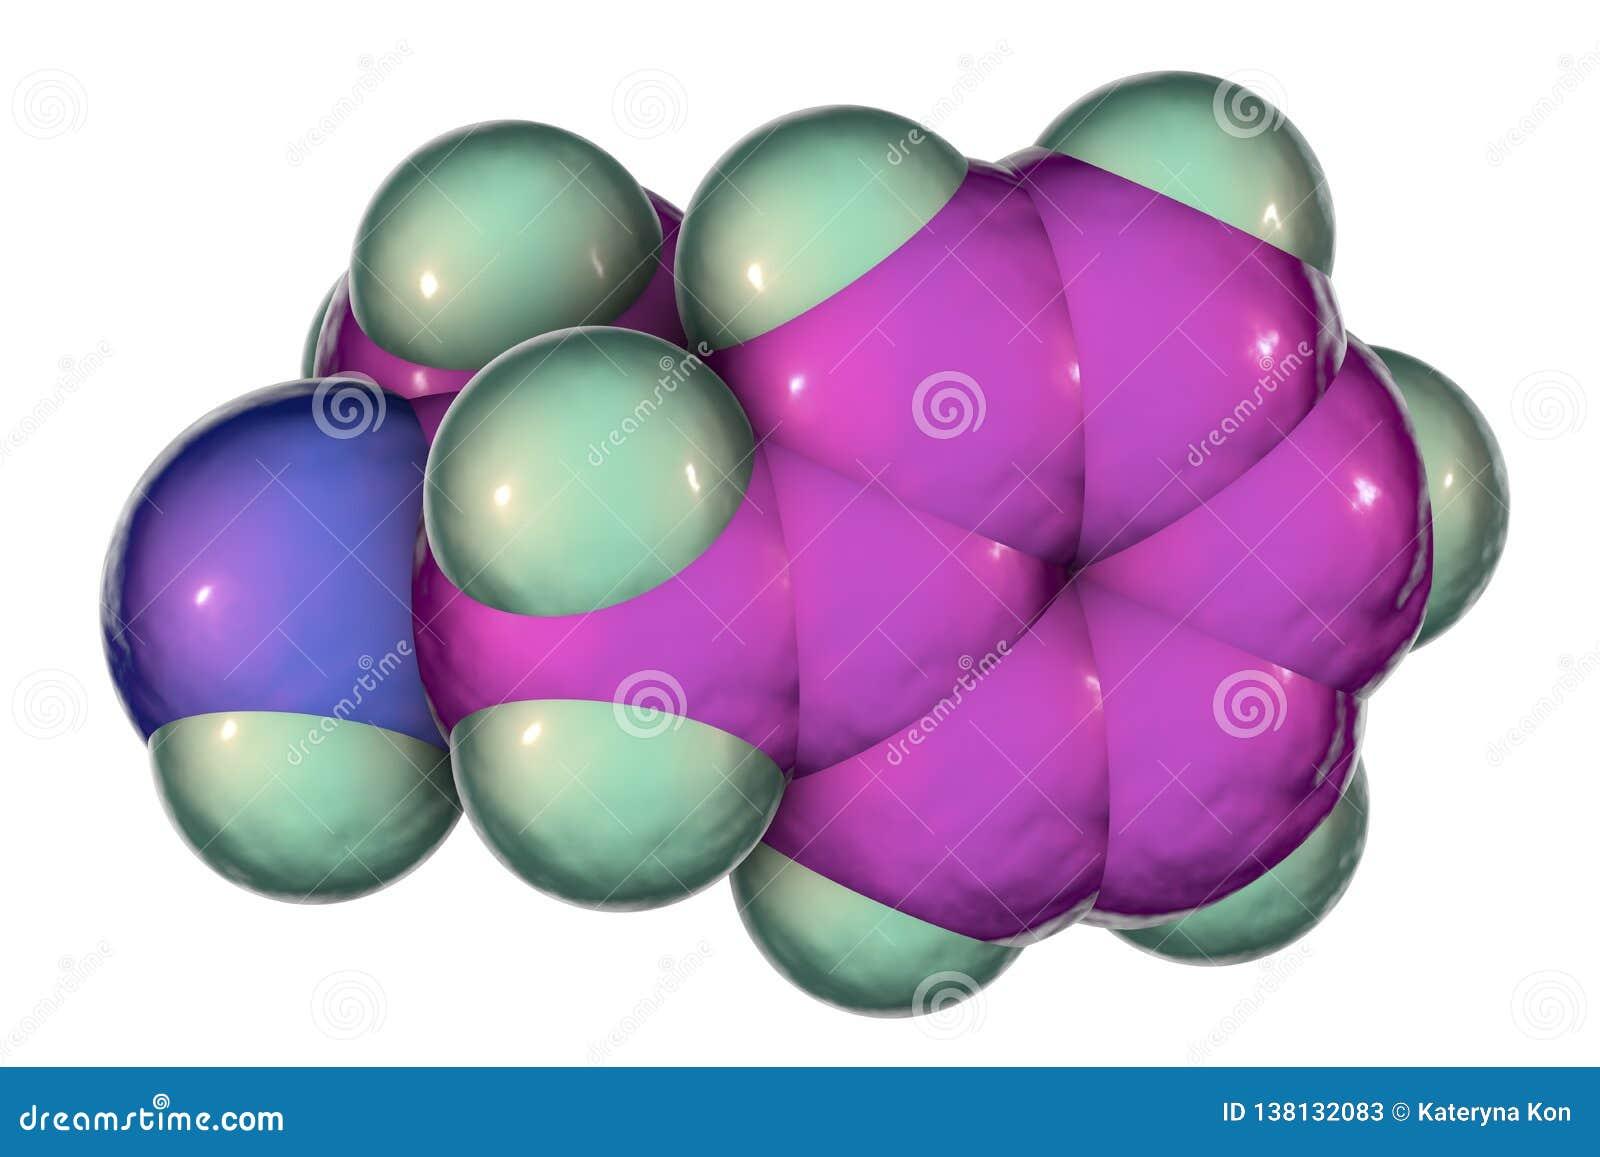 安非他明分子,中央神经系统一种强有力的兴奋剂